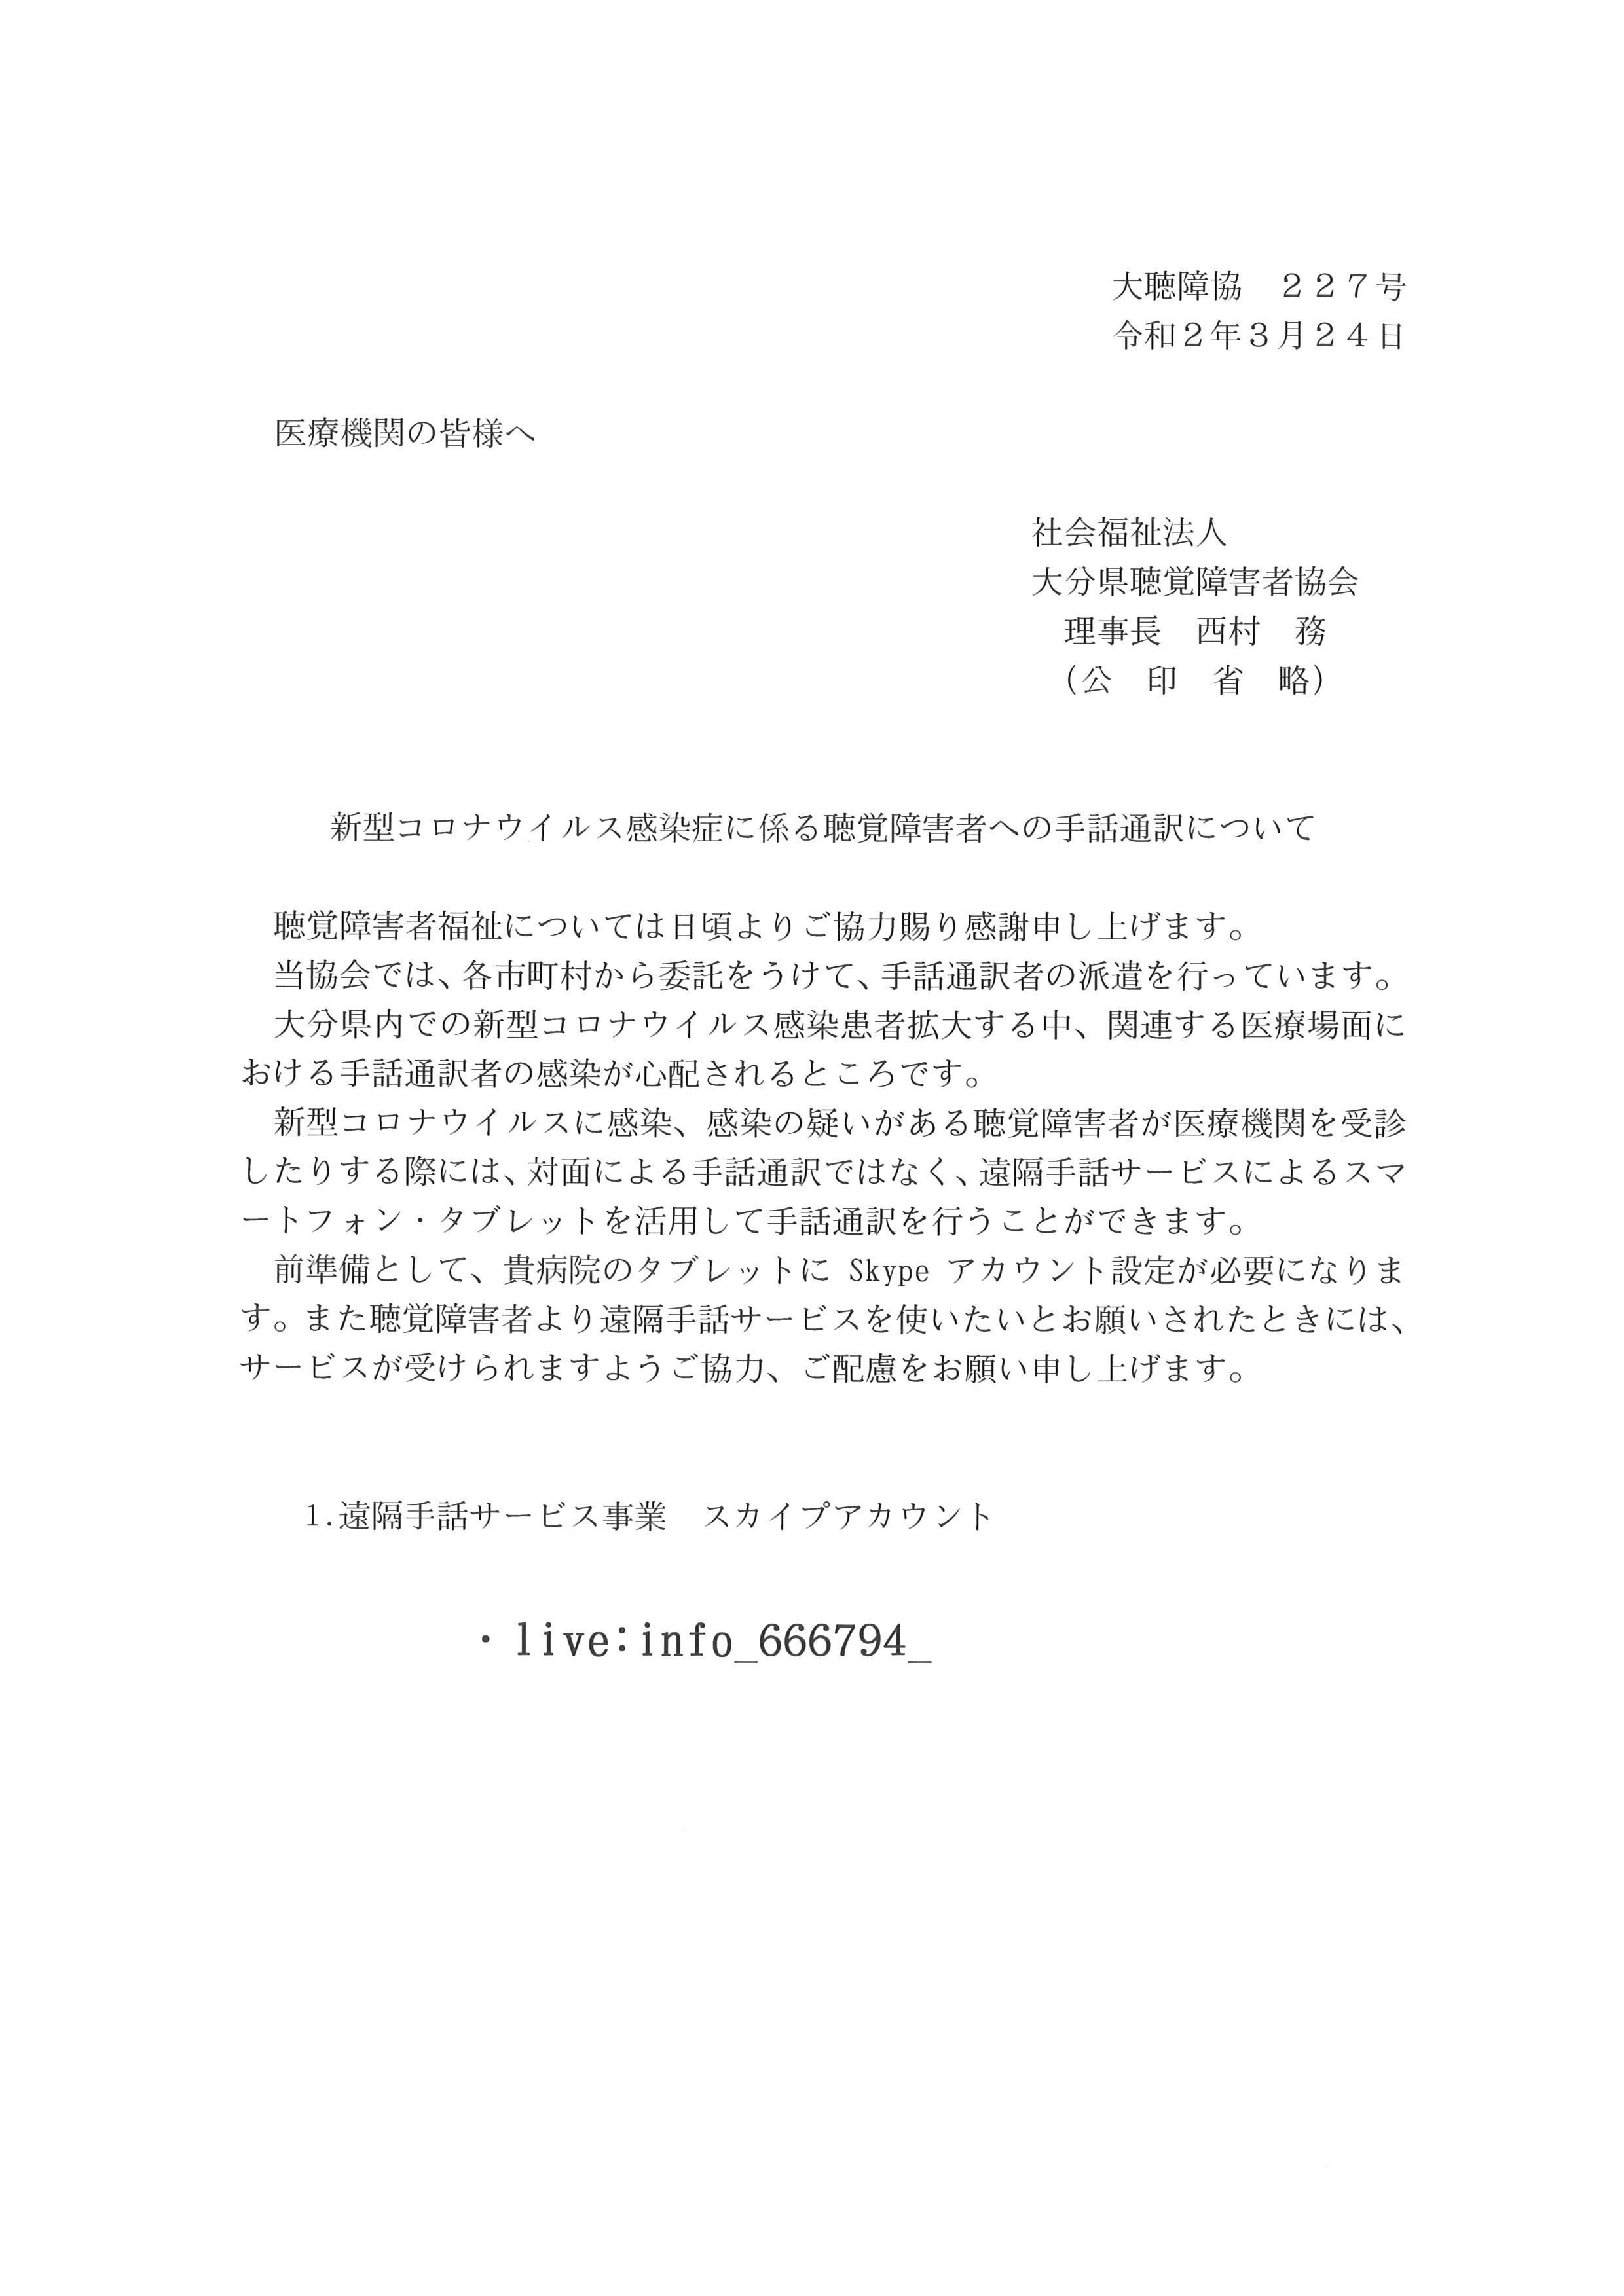 大分県へ要望と医療機関へのお願い_d0070316_09084160.jpg